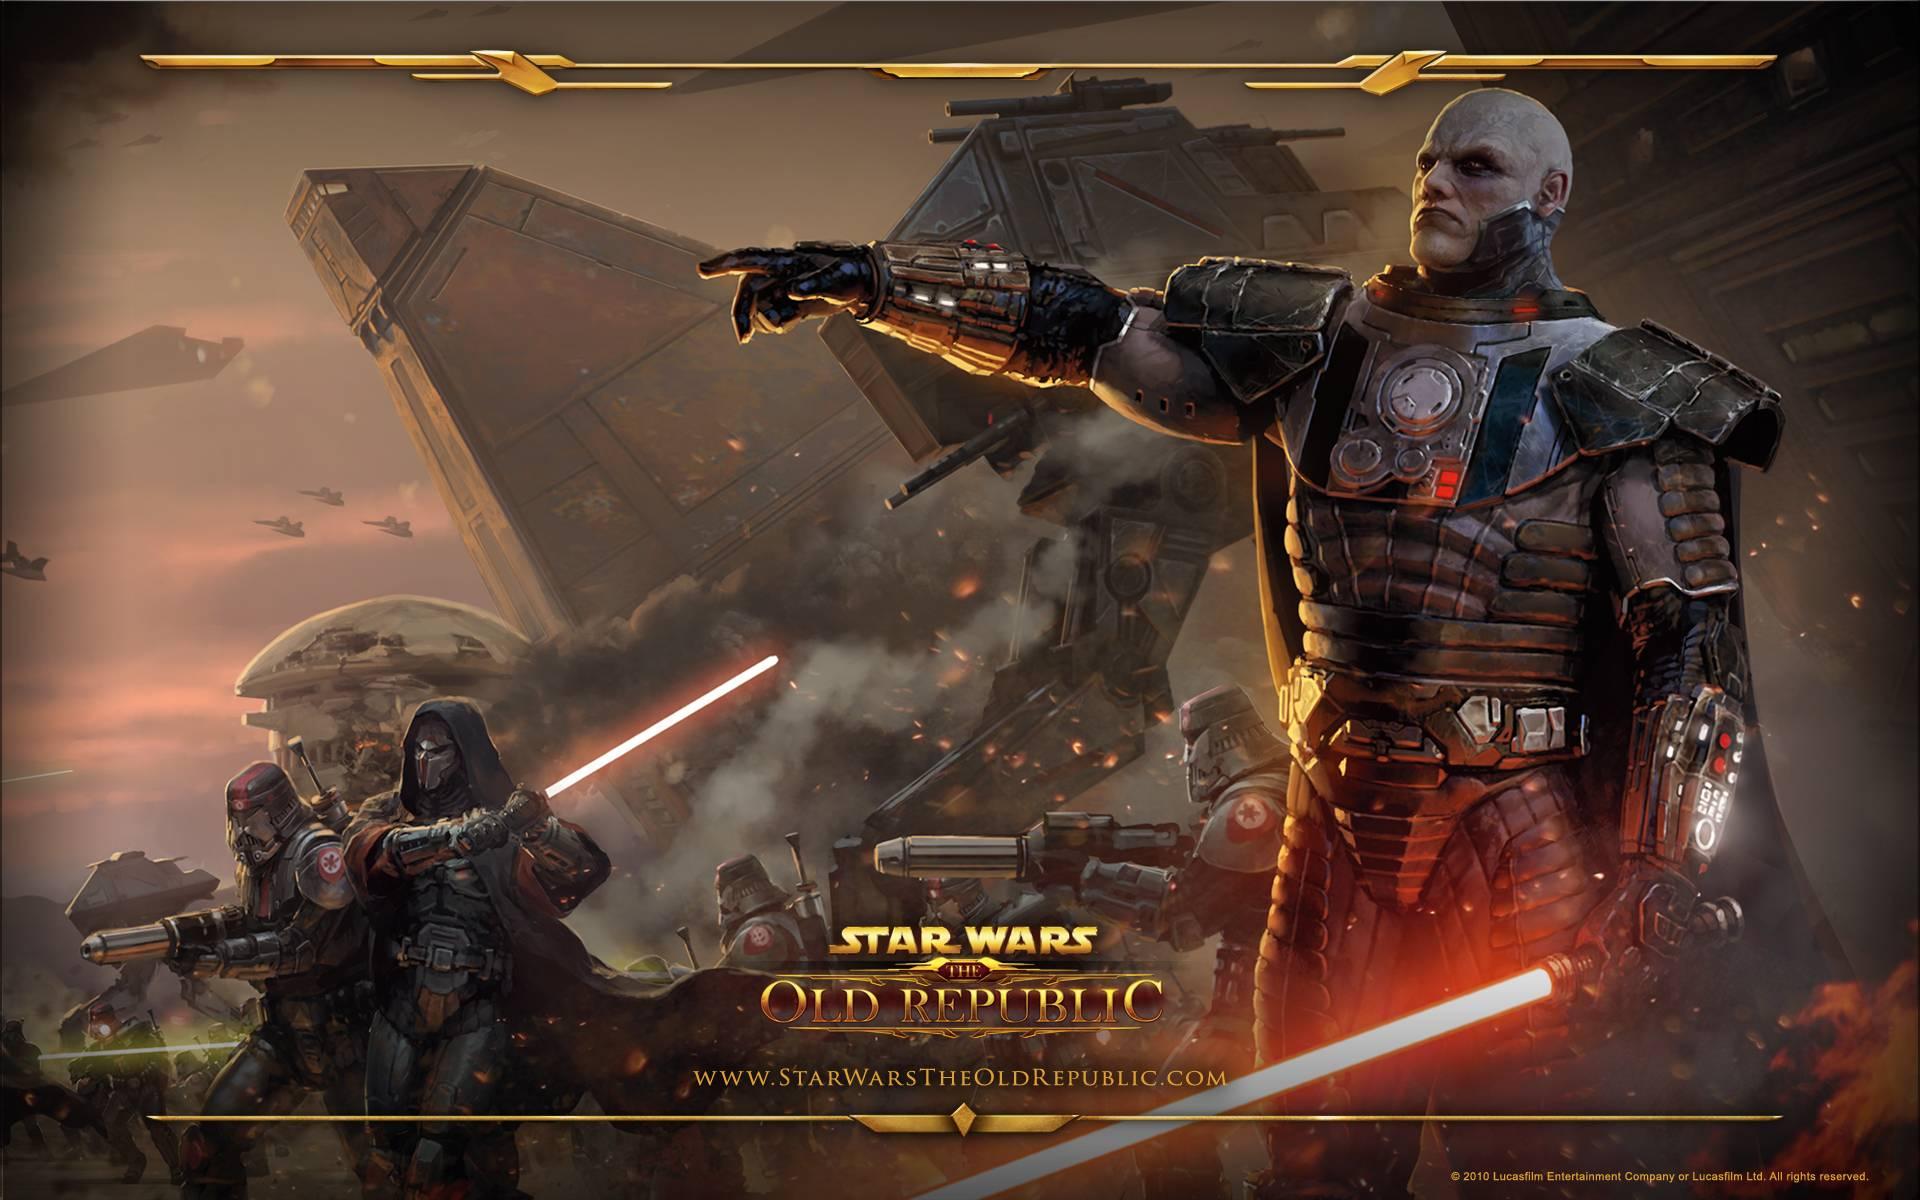 Star Wars The Old Republic wallpaper 7 1920x1200